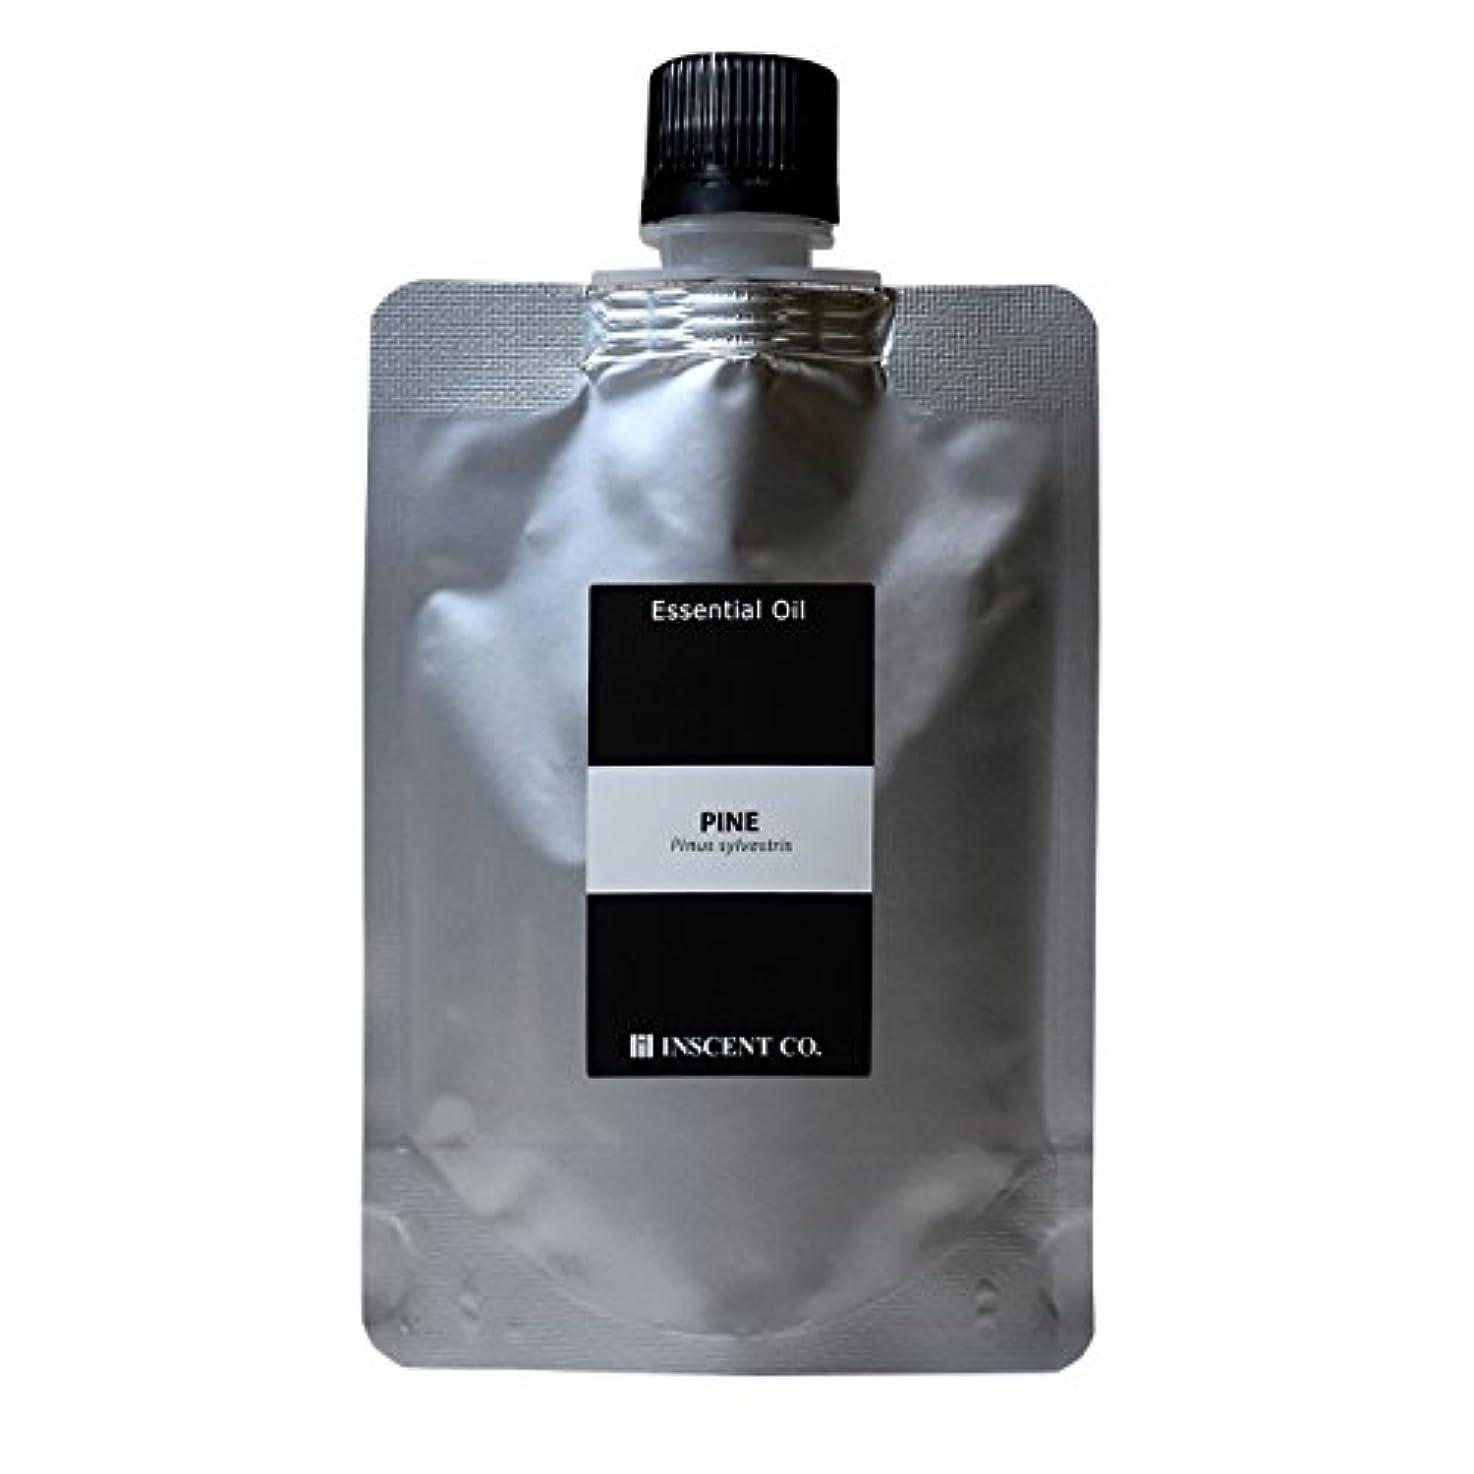 お風呂郵便屋さんサーマル(詰替用 アルミパック) パイン 100ml インセント アロマオイル AEAJ 表示基準適合認定精油